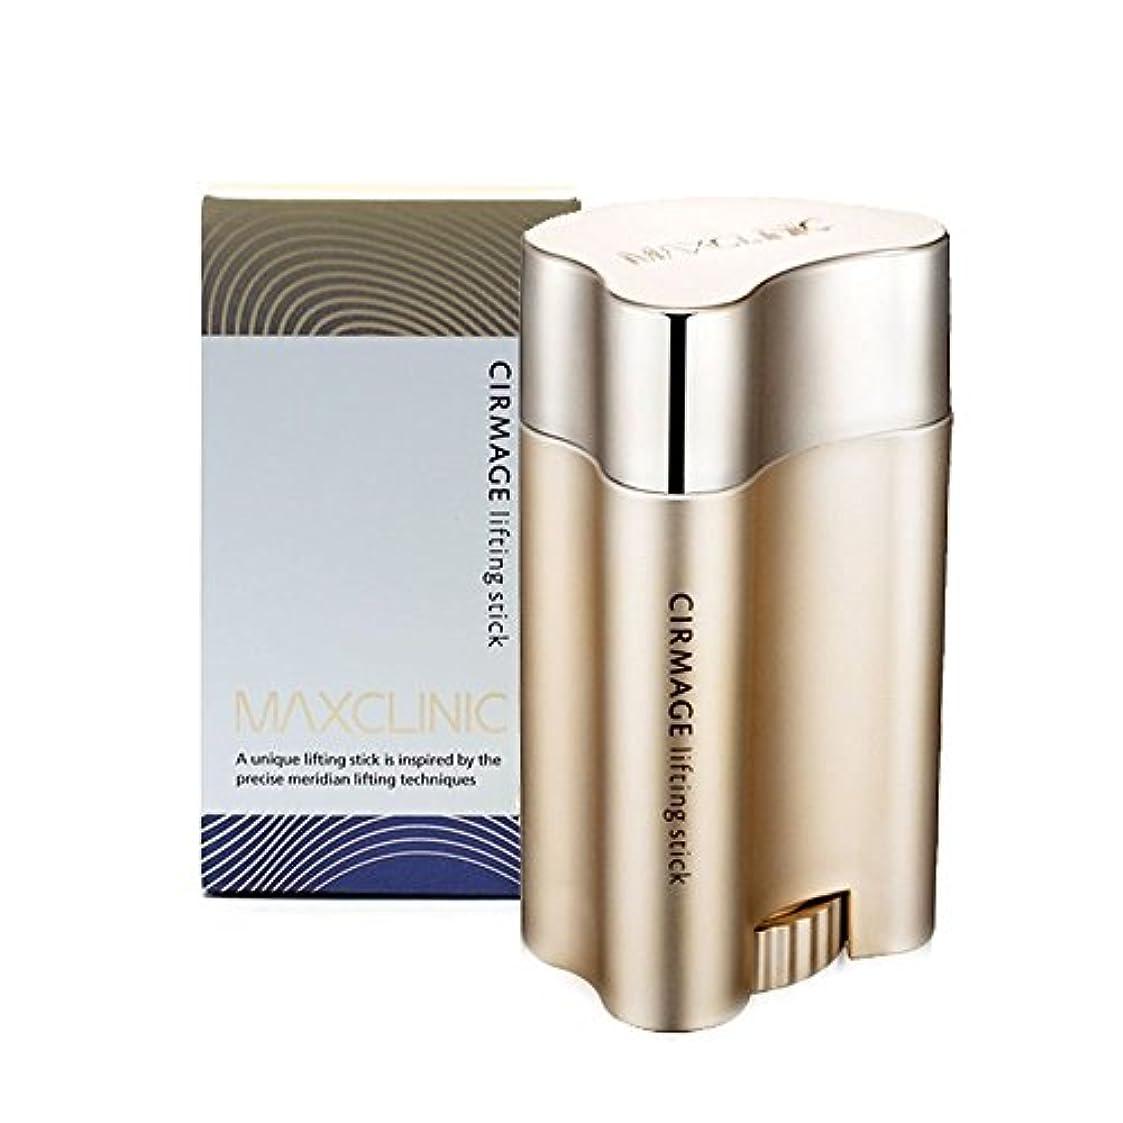 種をまく支給確率MAXCLINIC マックスクリニック サーメージ リフティング スティック 23g(Cirmage Lifting Stick 23g)/Direct from Korea/w free Gift Sample [並行輸入品]